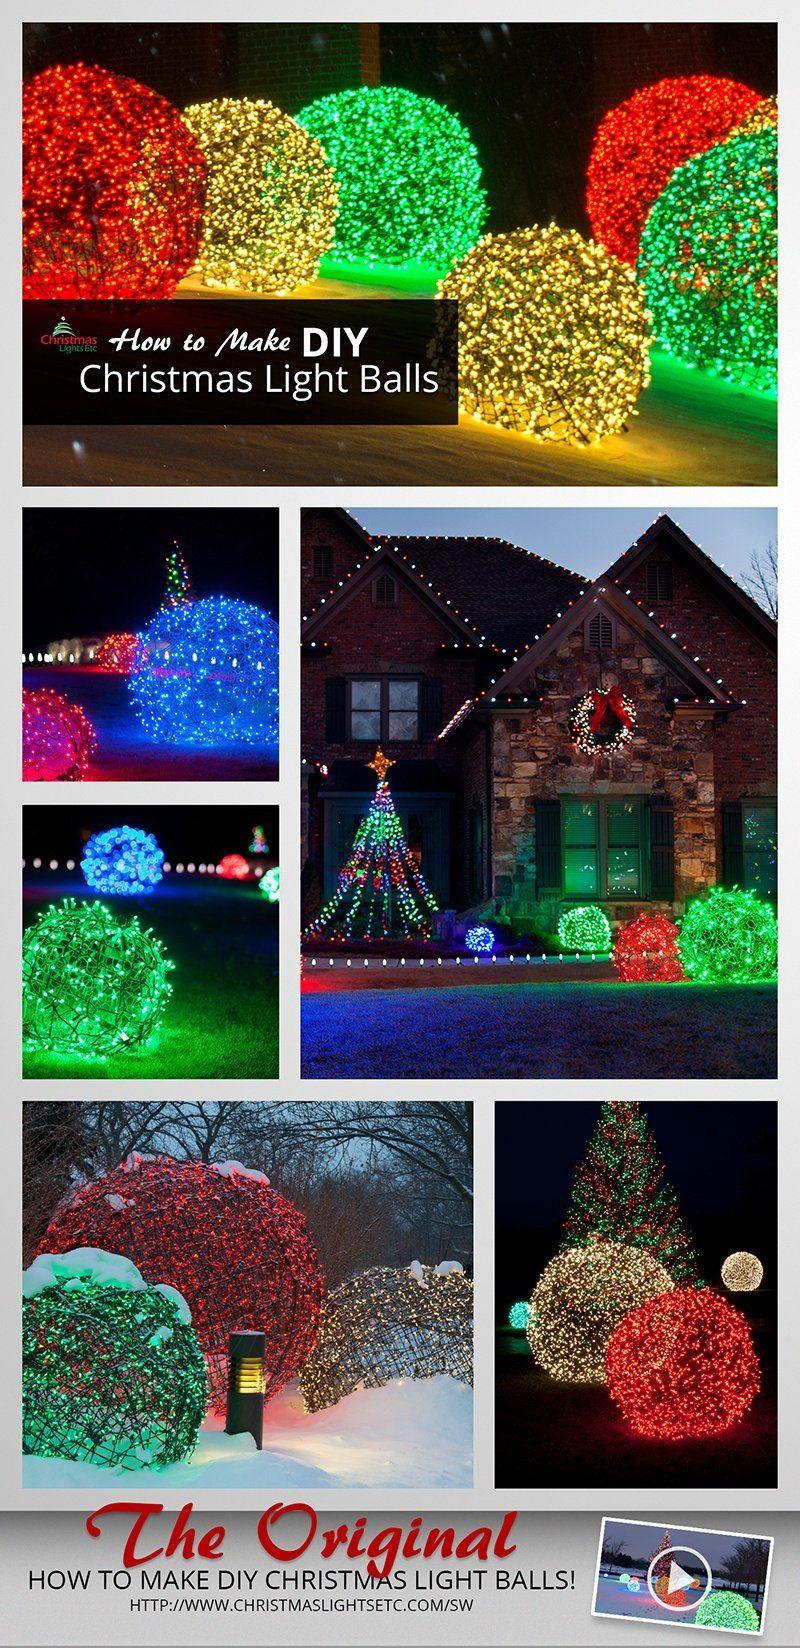 How to Make Christmas Light Balls - Christmas Lights, Etc